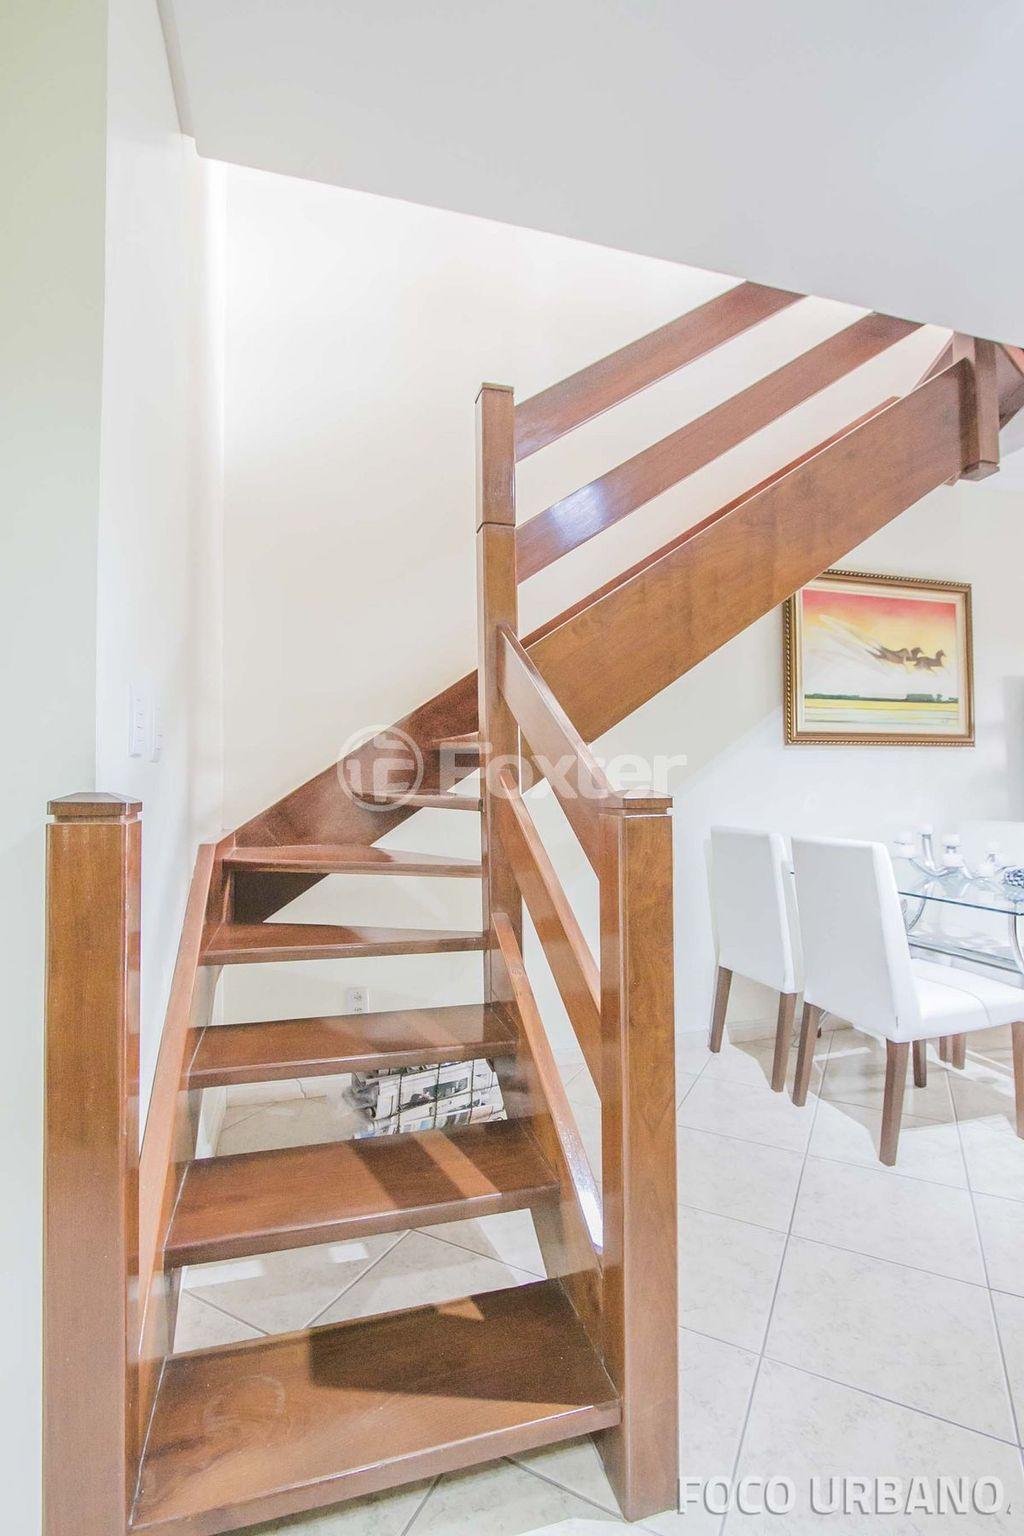 Foxter Imobiliária - Cobertura 4 Dorm (145795) - Foto 19